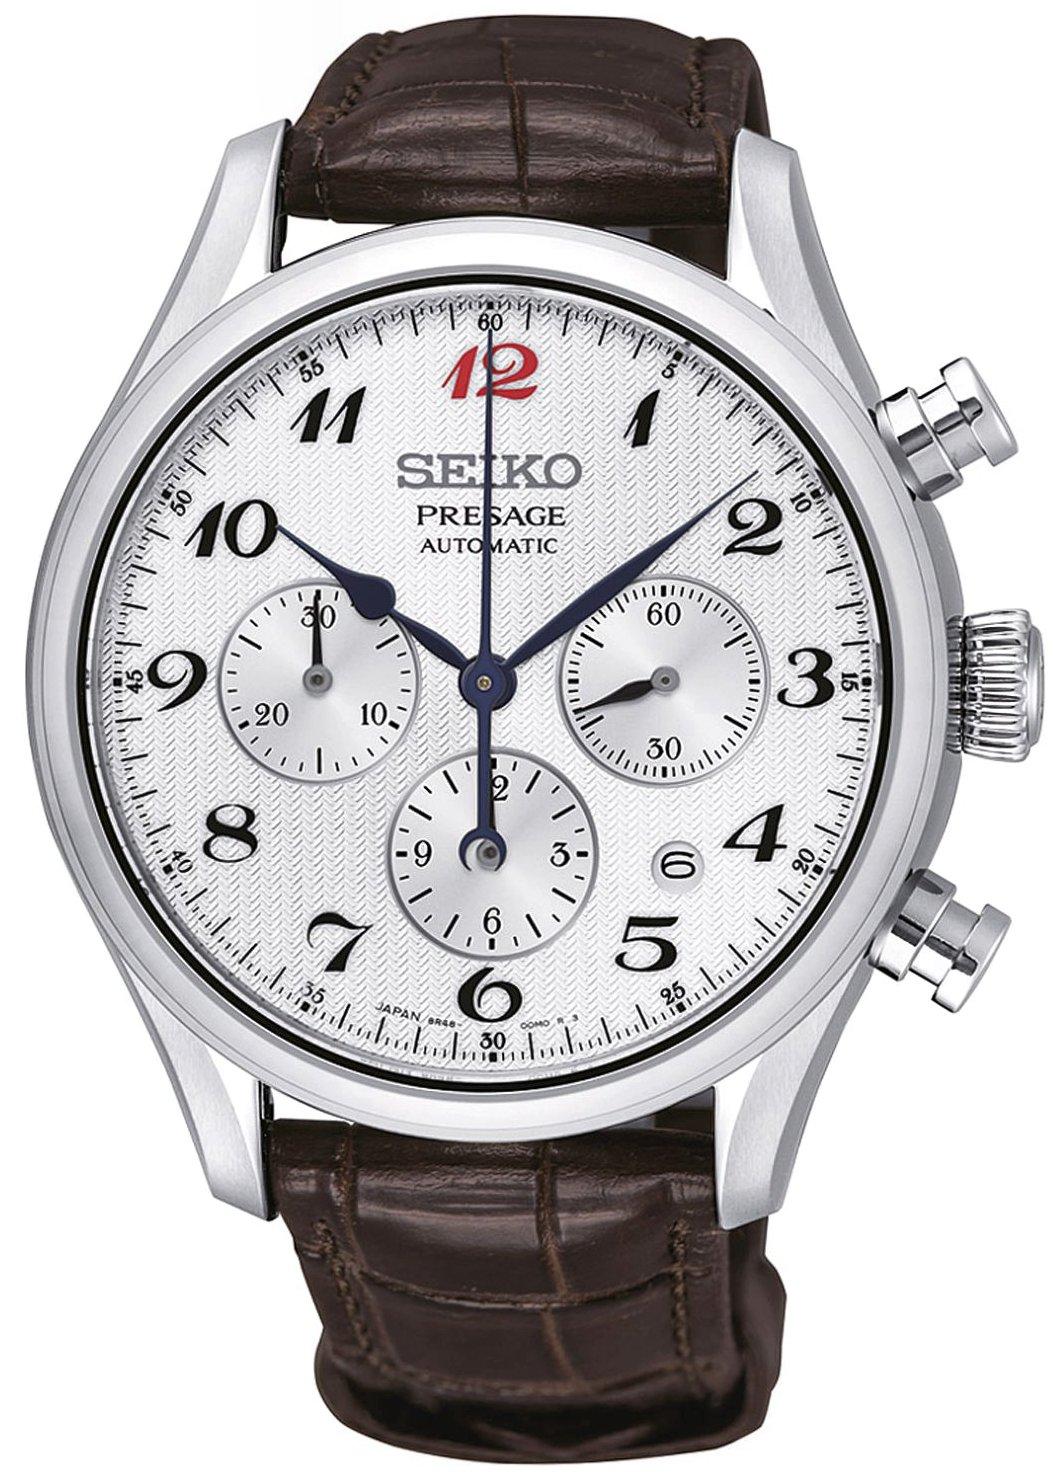 นาฬิกาผู้ชาย Seiko รุ่น SRQ025J1, PRESAGE Cocktail Automatic Multi-Dial Chronograph Men's Watch